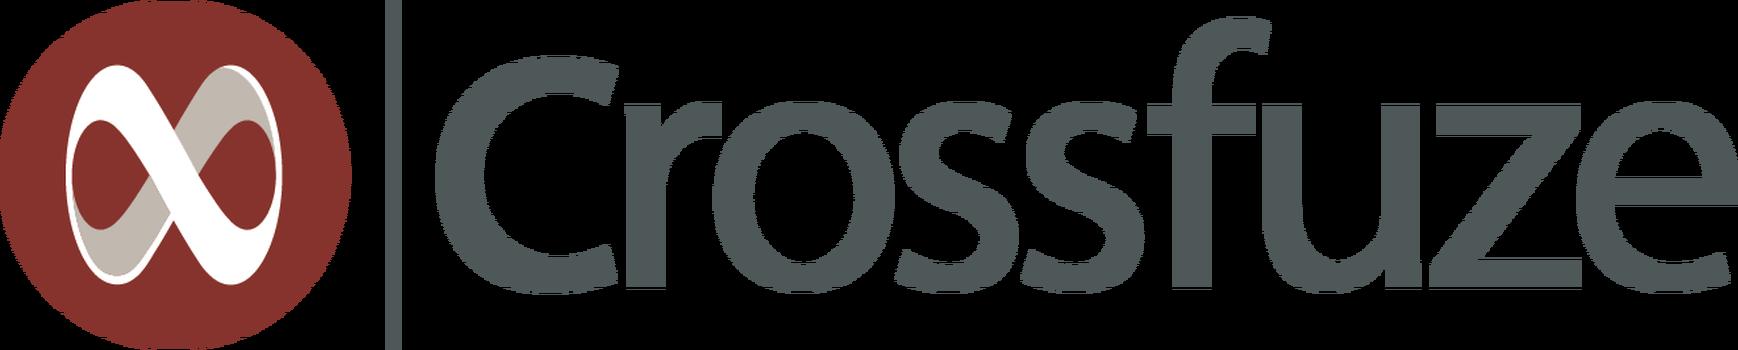 Crossfuze logo